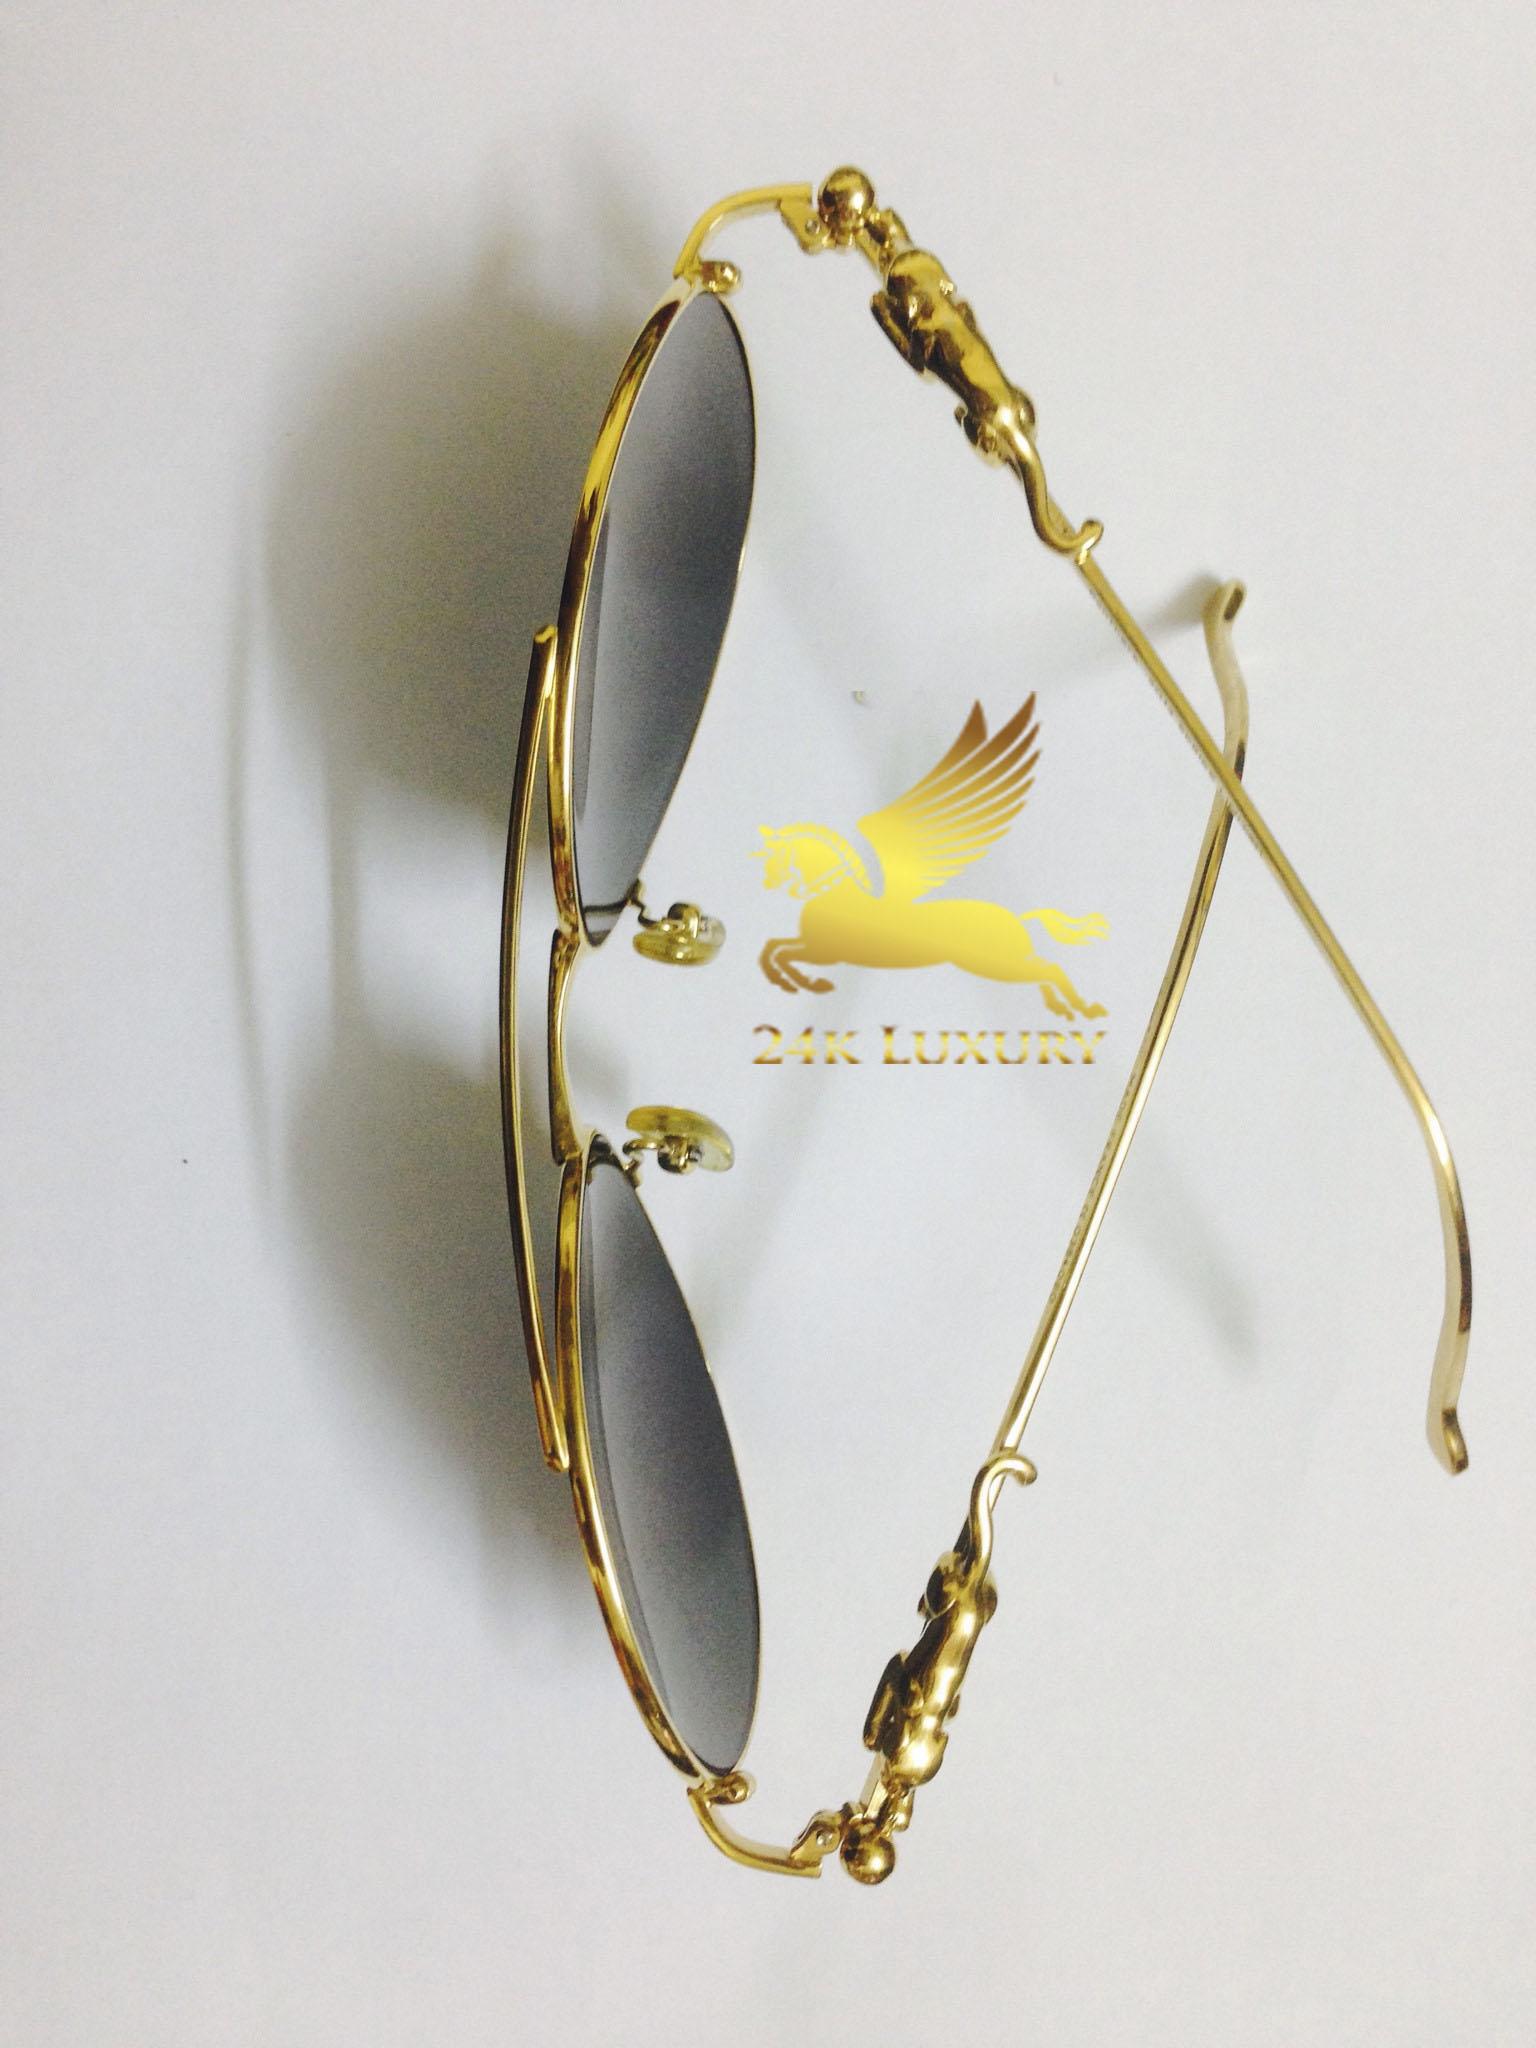 Thật ý nghĩa nếu bạn lựa chọn kính Cartier mạ vàng làm món quà tặng mạ vàng gửi đến bạn bè, đối tác.